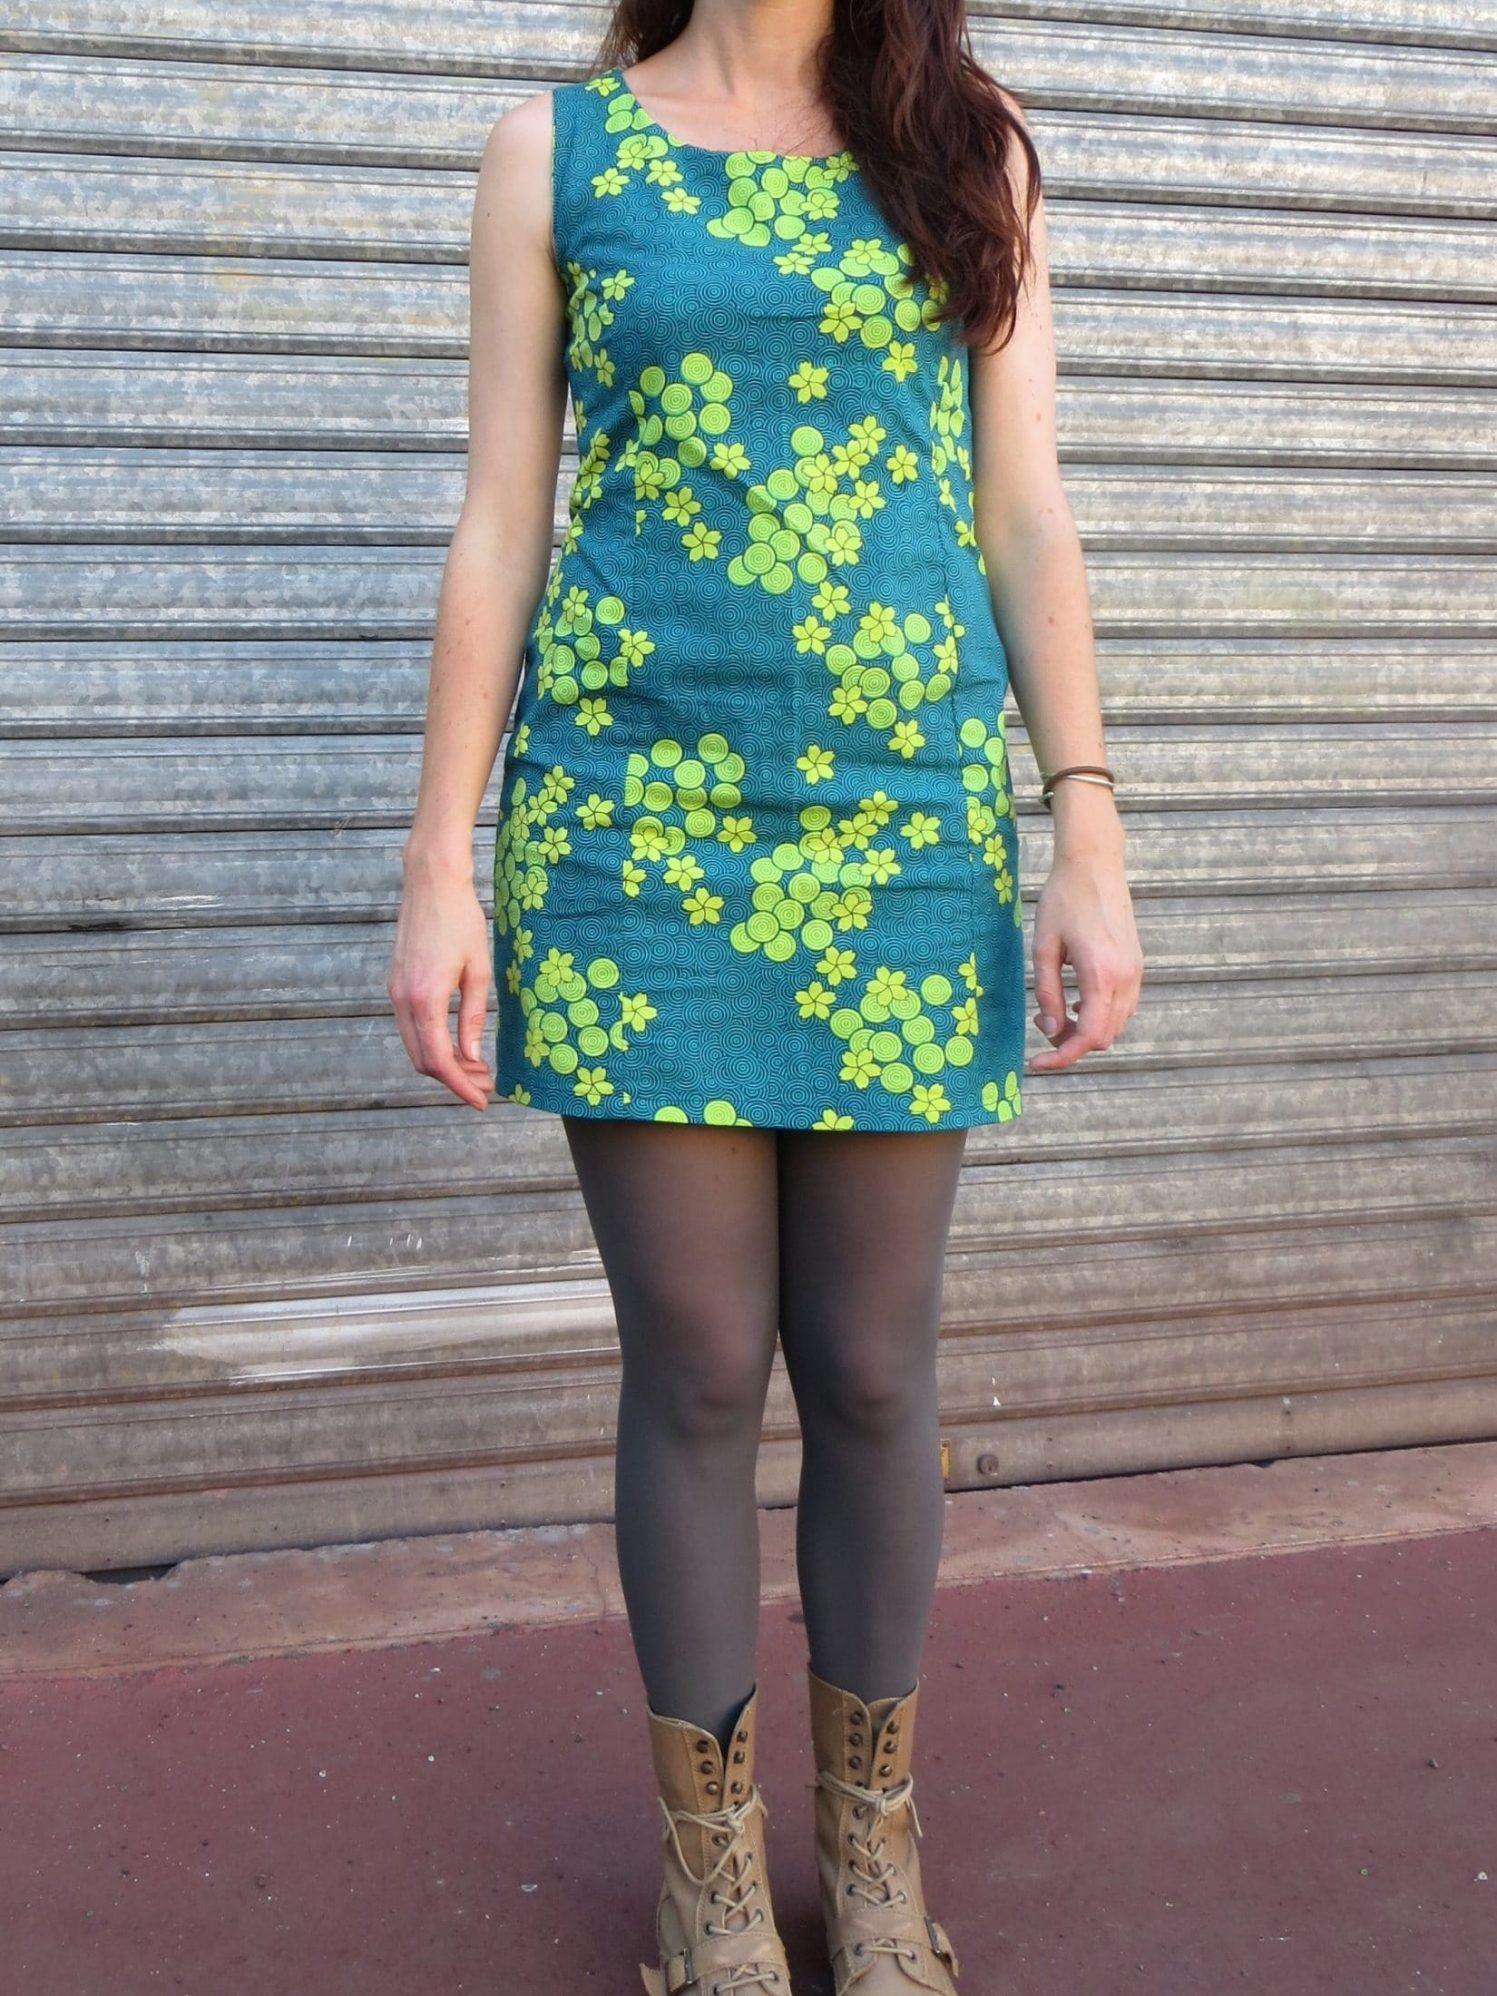 Une petite robe bien coupée